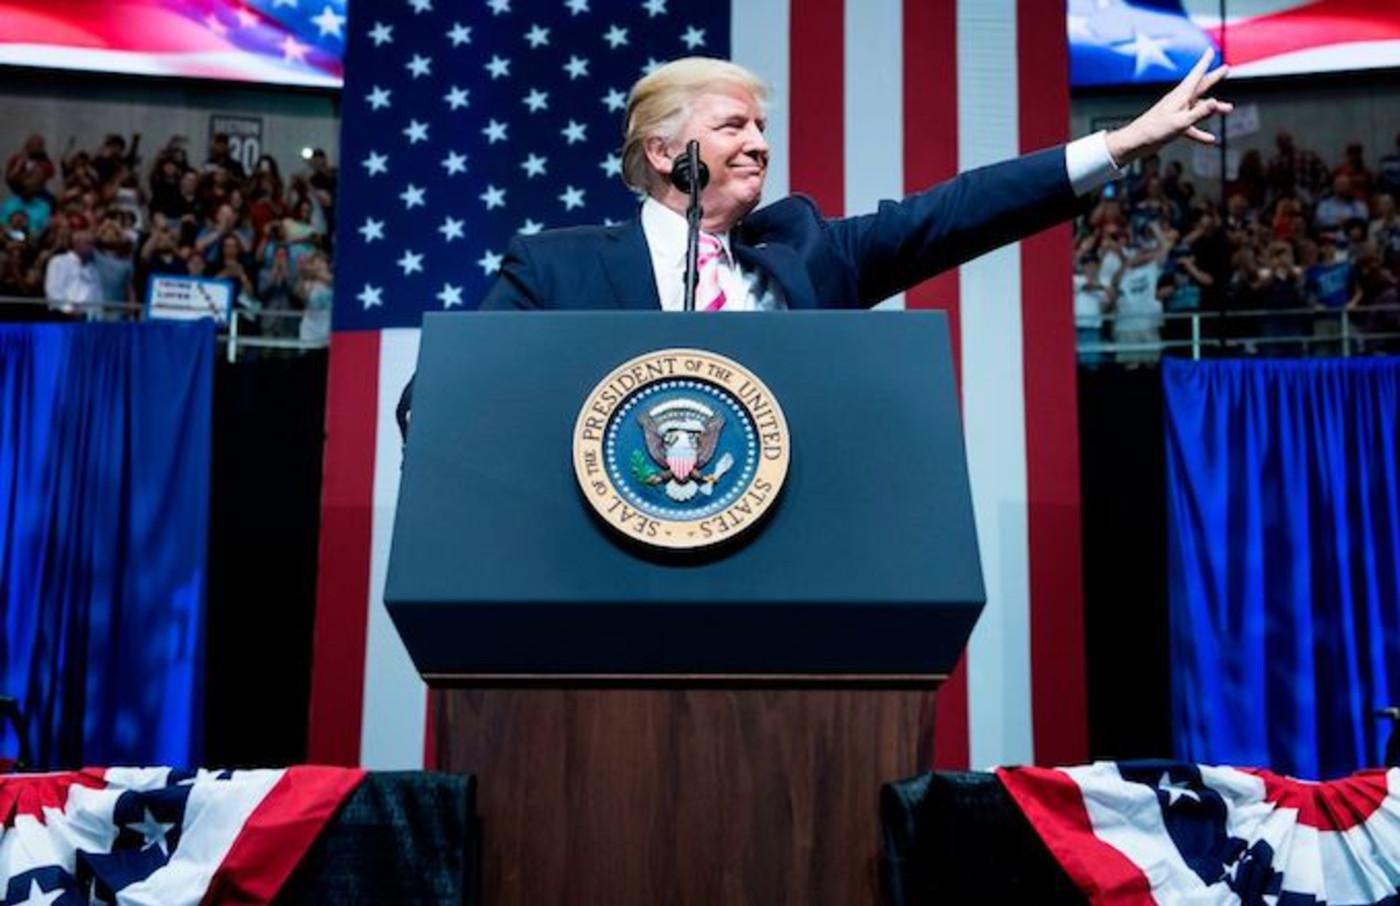 Donald Trump Alabama rally